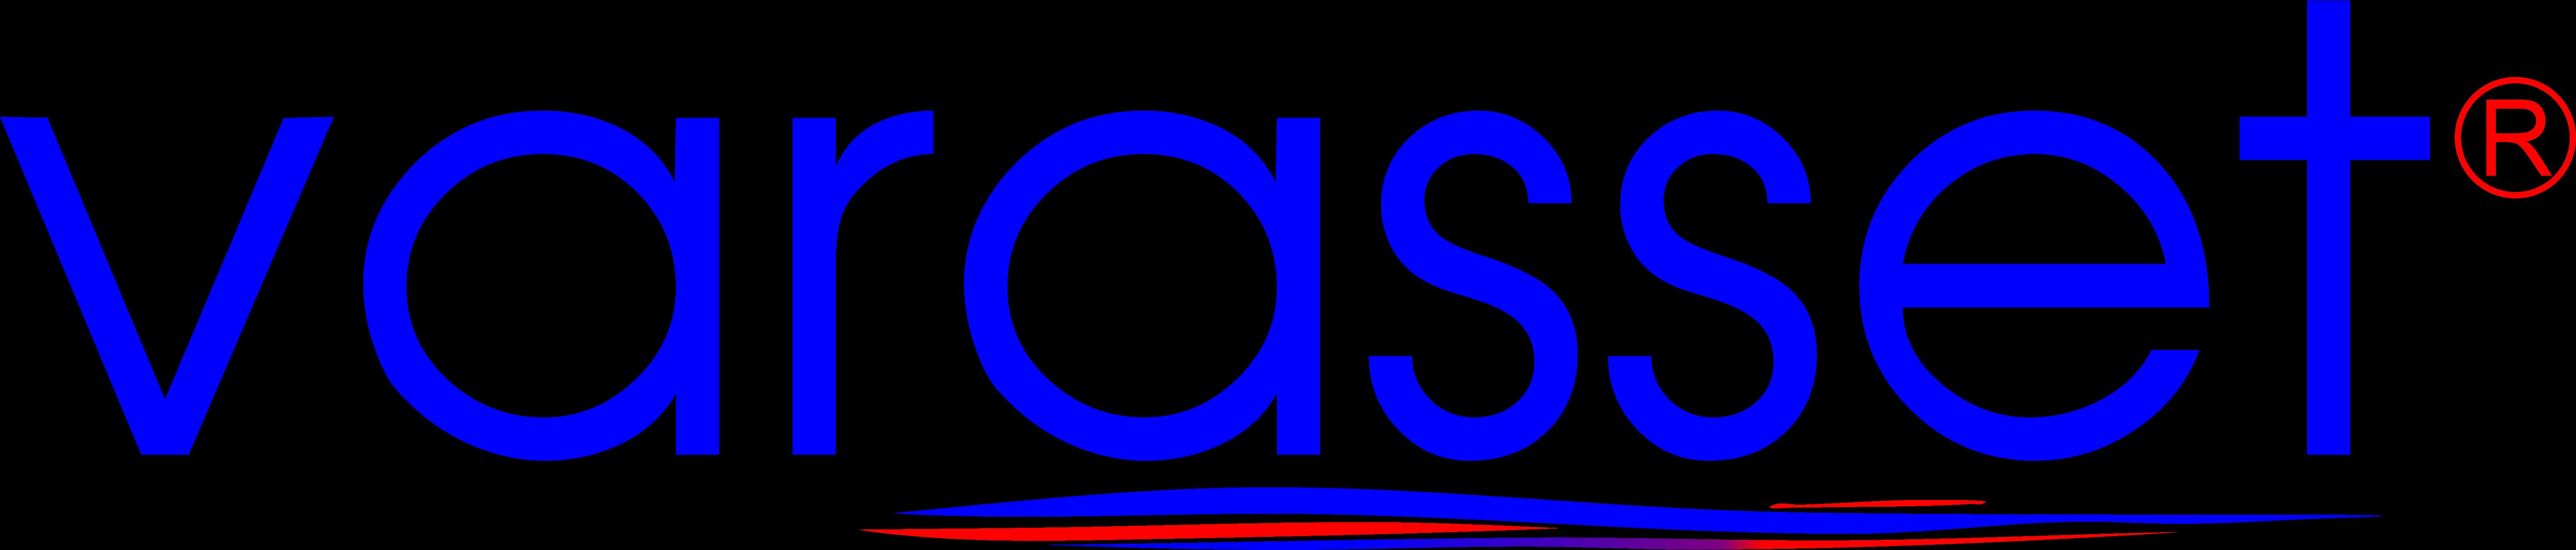 Varasset Logo